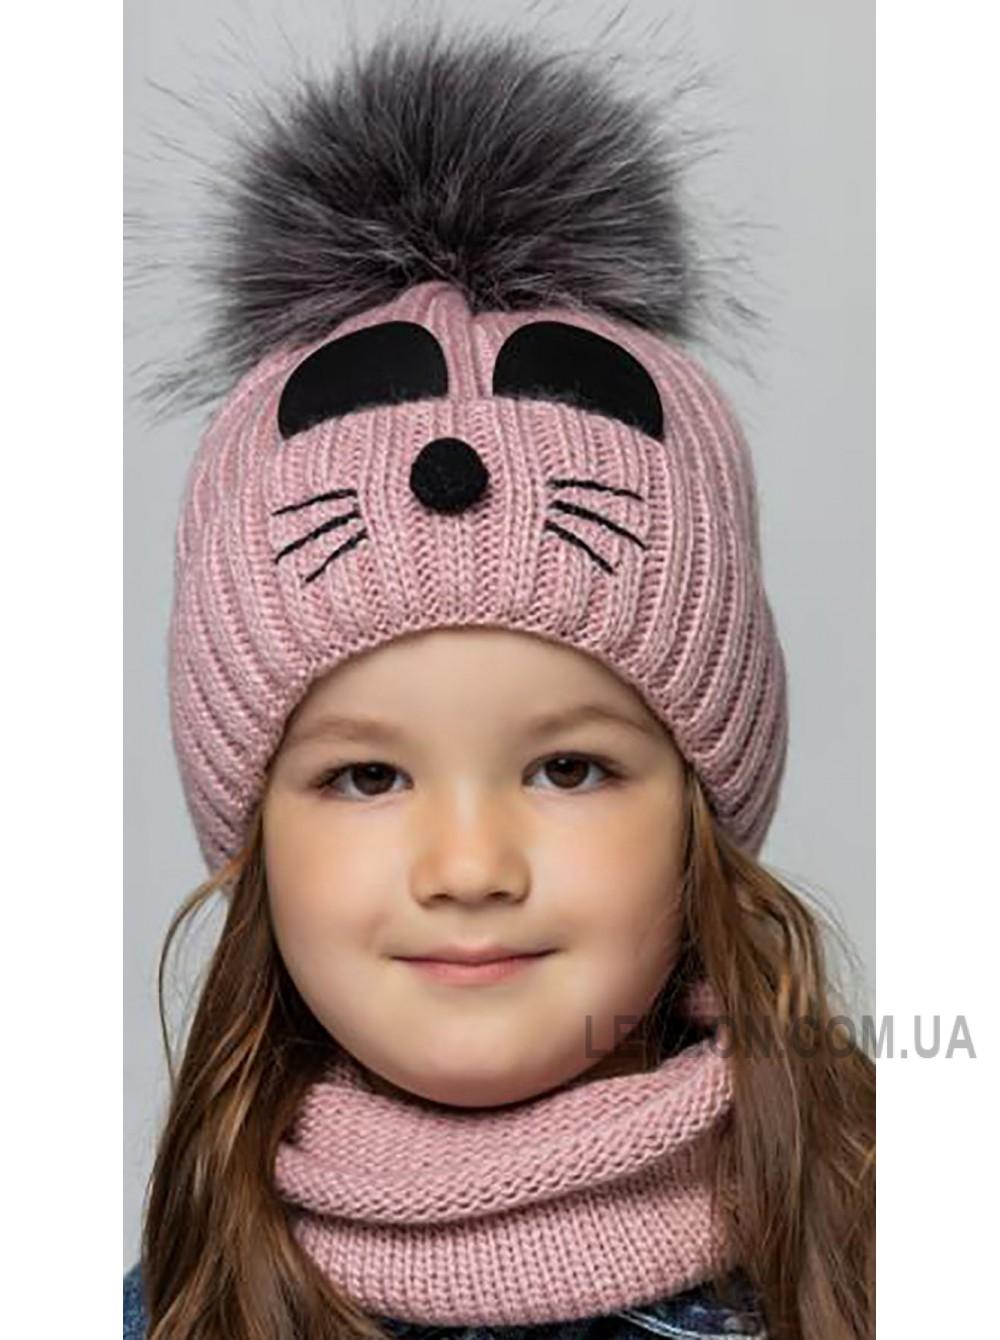 Детская вязаная шапка D691305-46-50 Элли